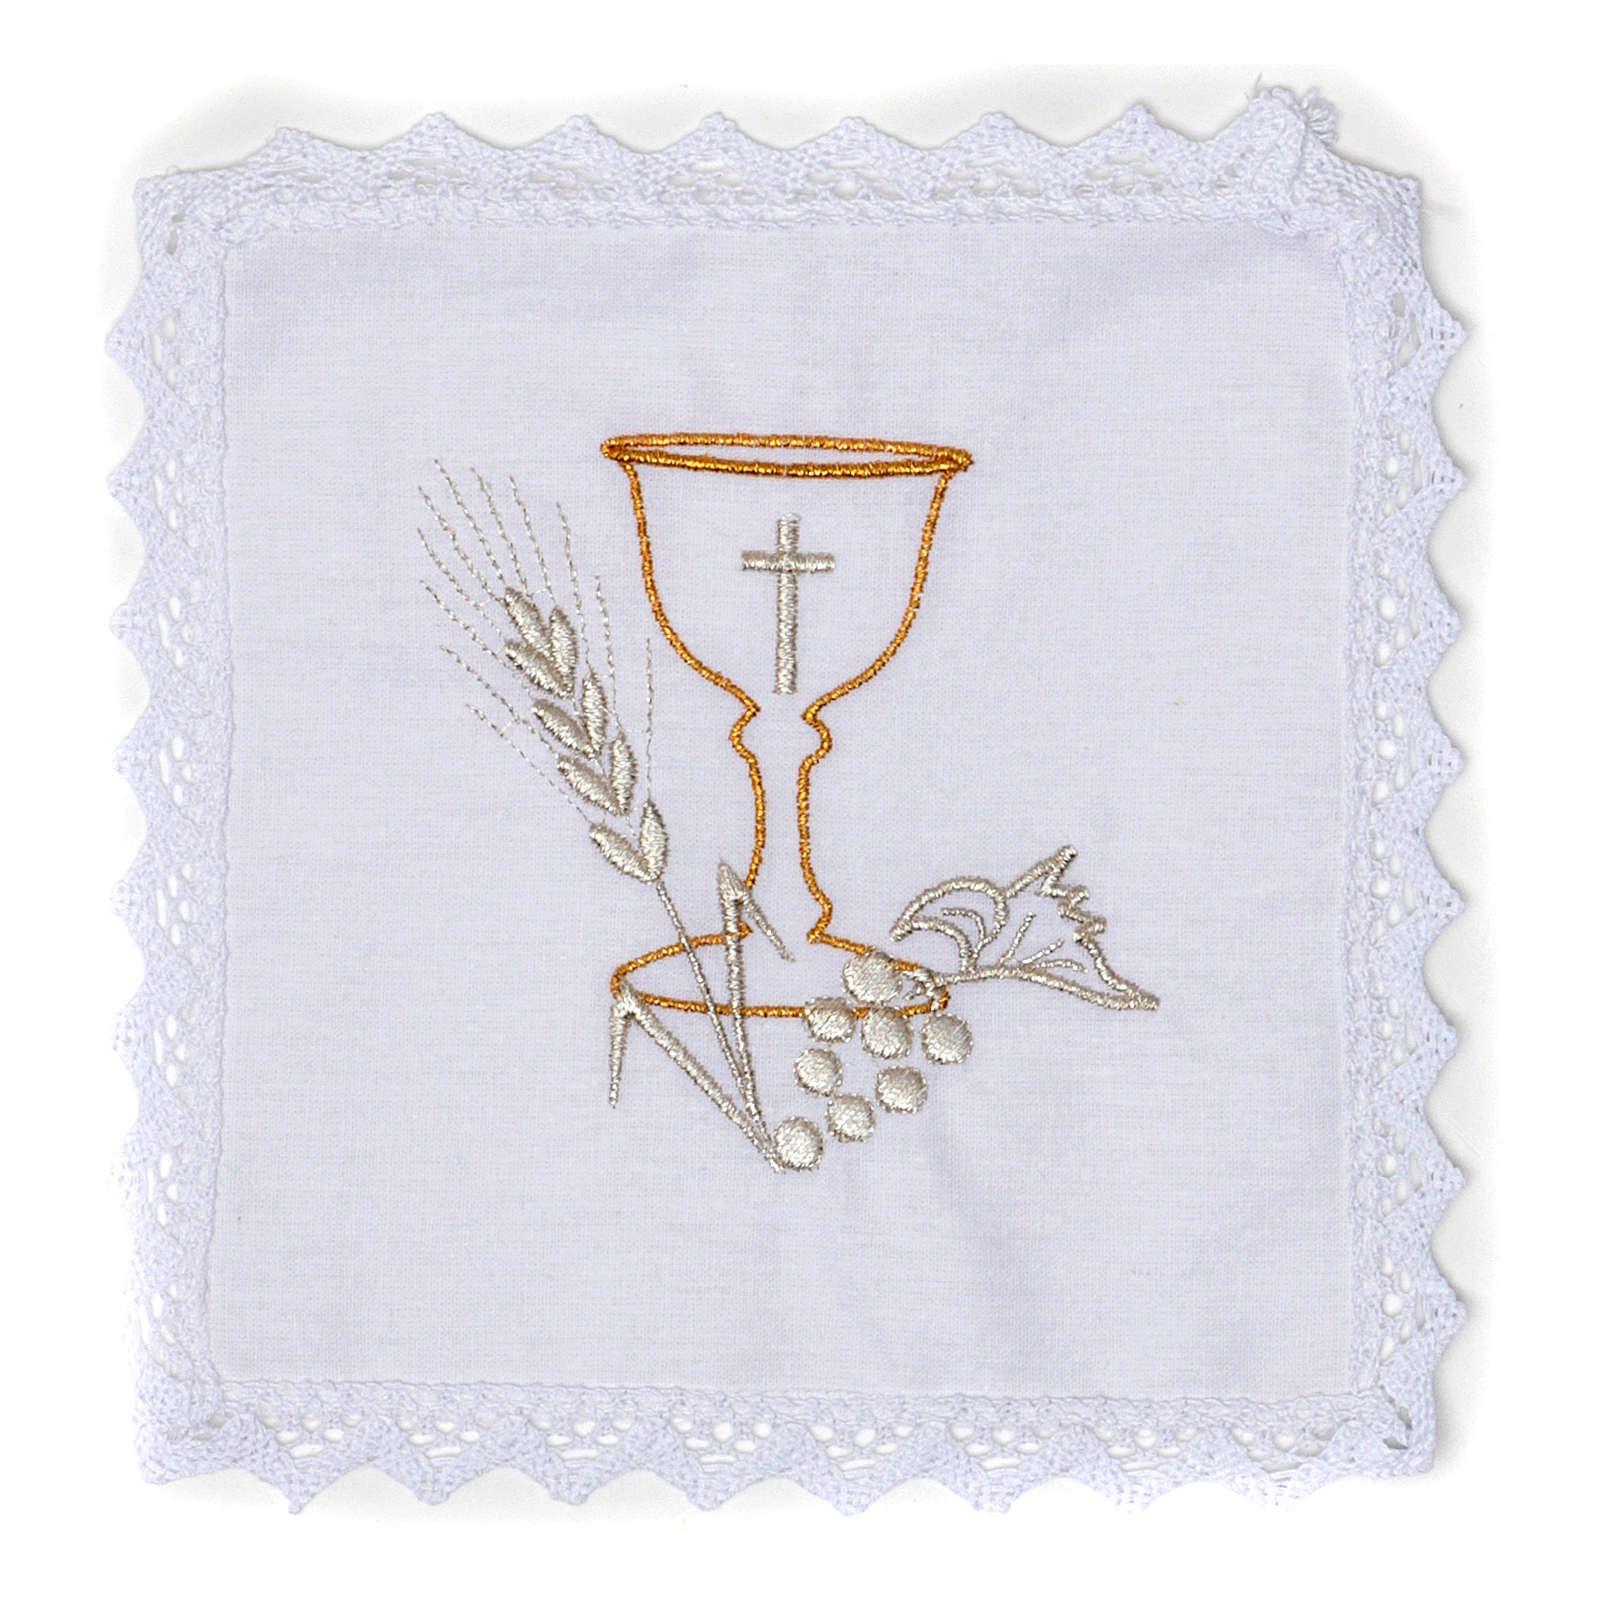 Servizio da altare Calice in puro lino 4